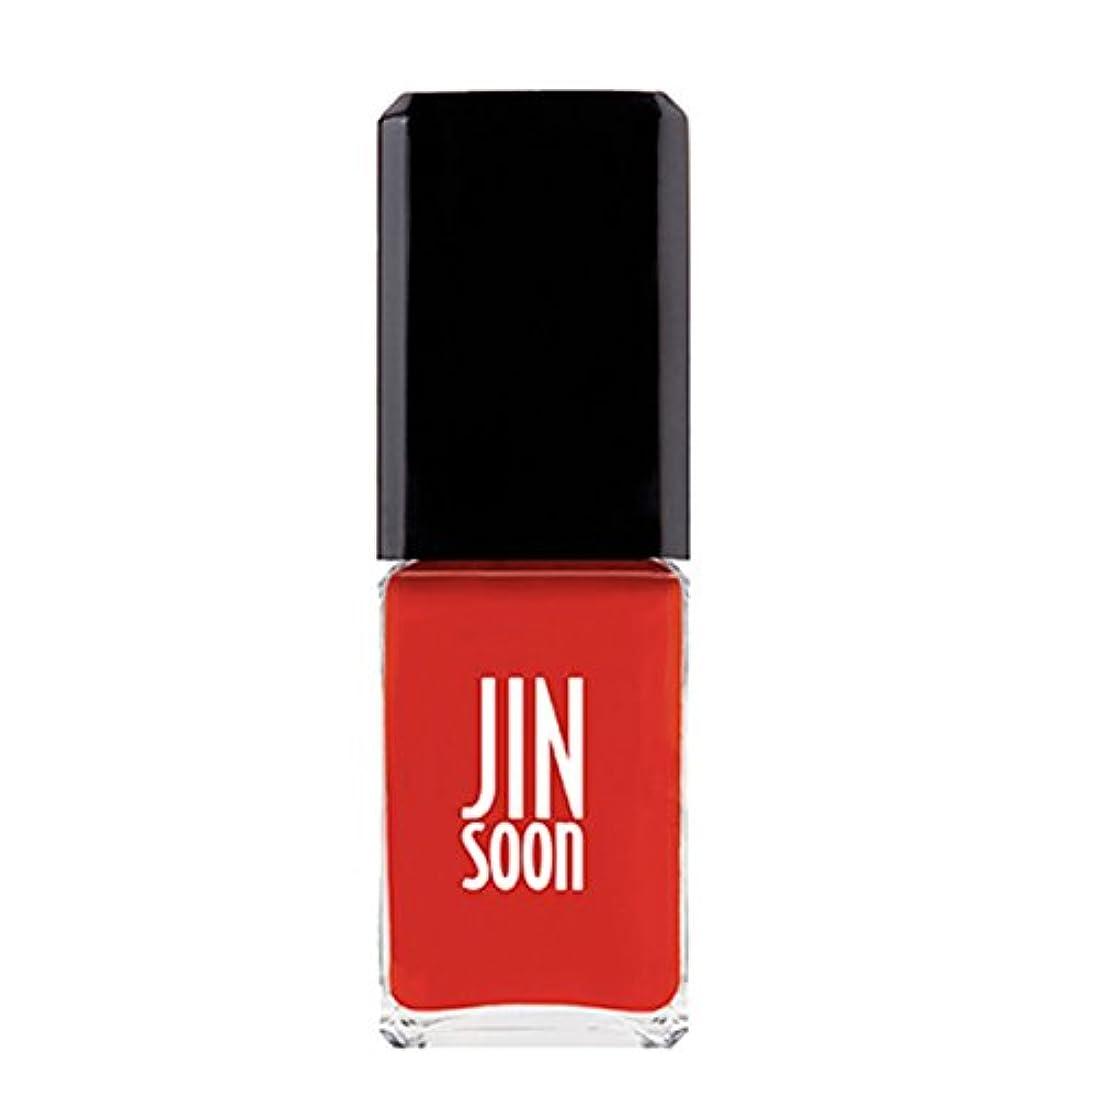 必要性神秘的なロッド[ジンスーン] [ jinsoon] ポップ?オレンジ(ホットオレンジ) POP ORANGE ジンスーン 5フリー ネイルポリッシュ【オレンジ】 11mL